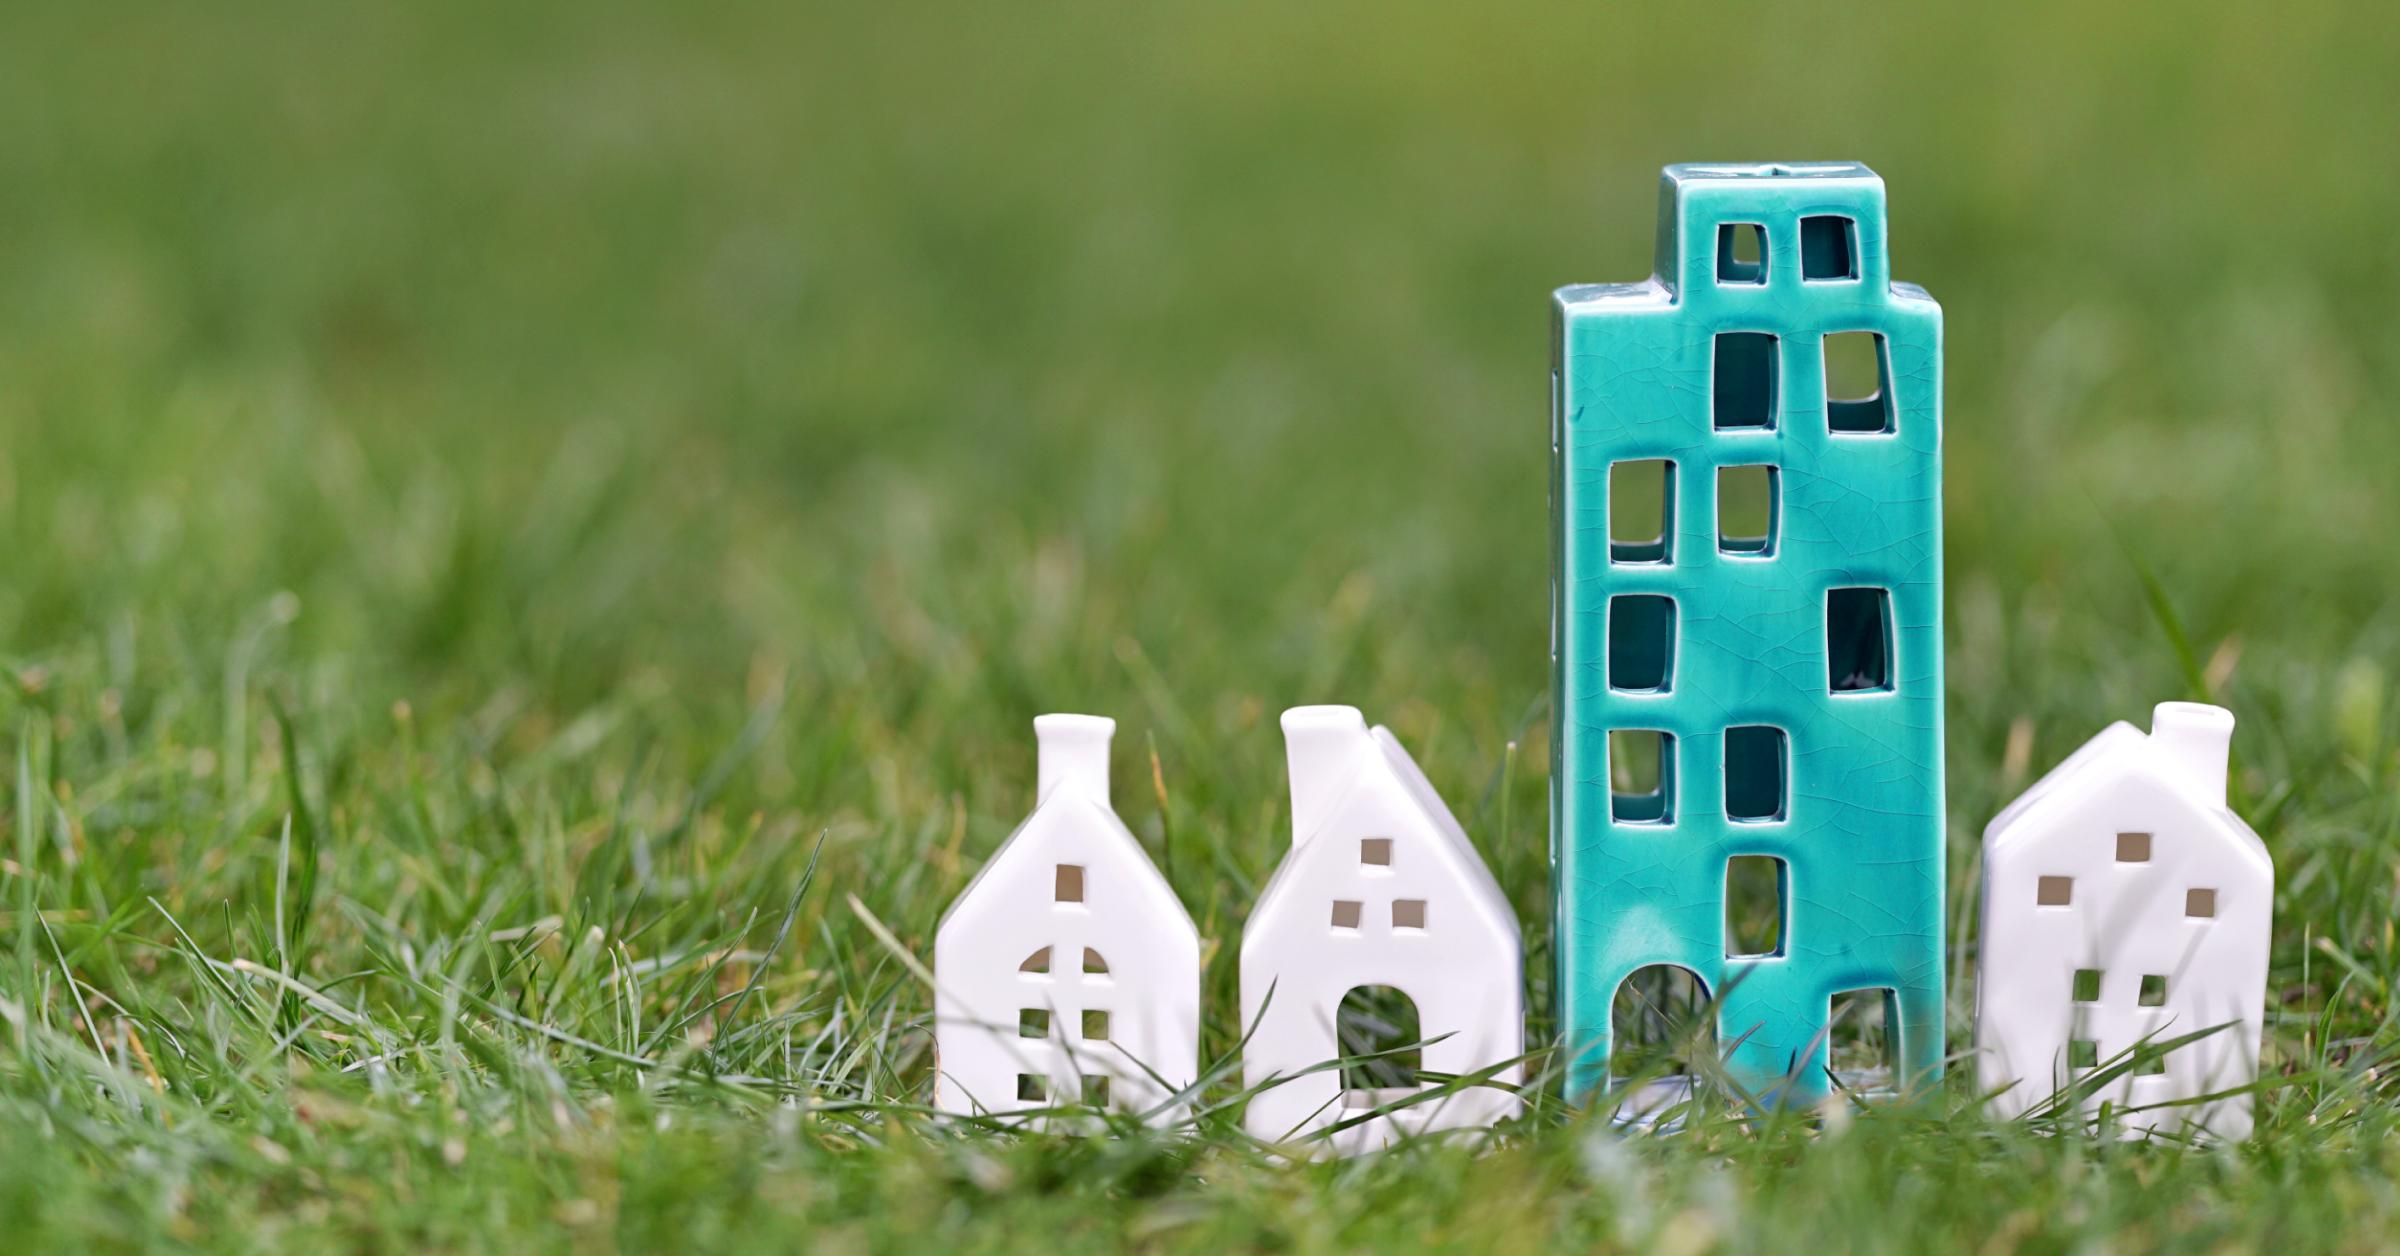 Ein blaues Keramikhaus steht inmitten dreier kleinerer weißer Keramikhäuser auf einer Wiese.